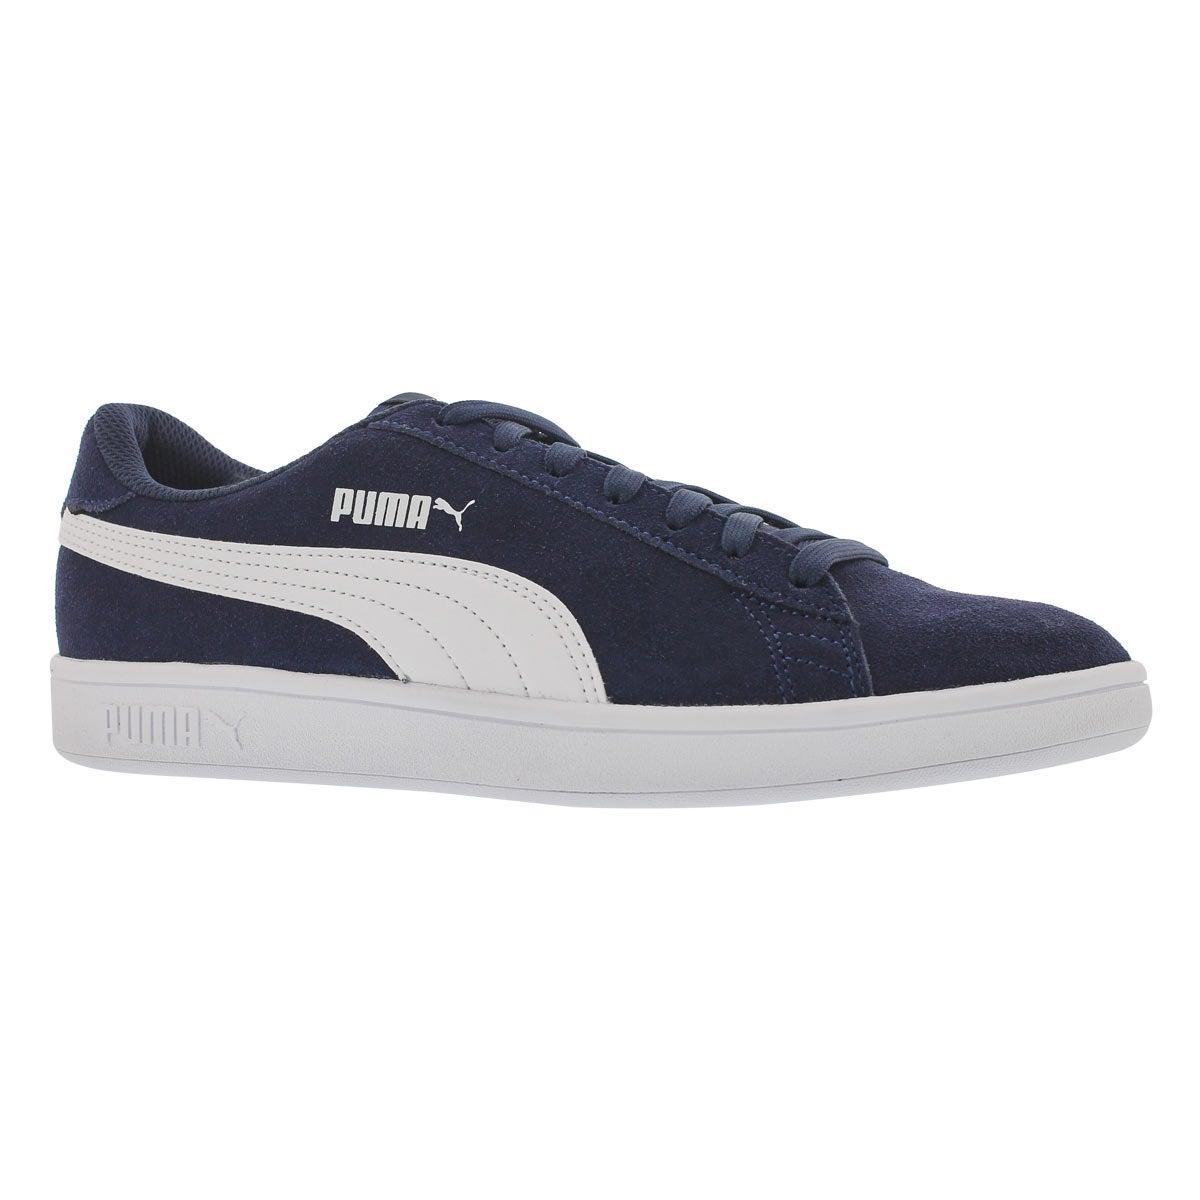 Men's PUMA SMASH v2 peacoat/wht sneakers